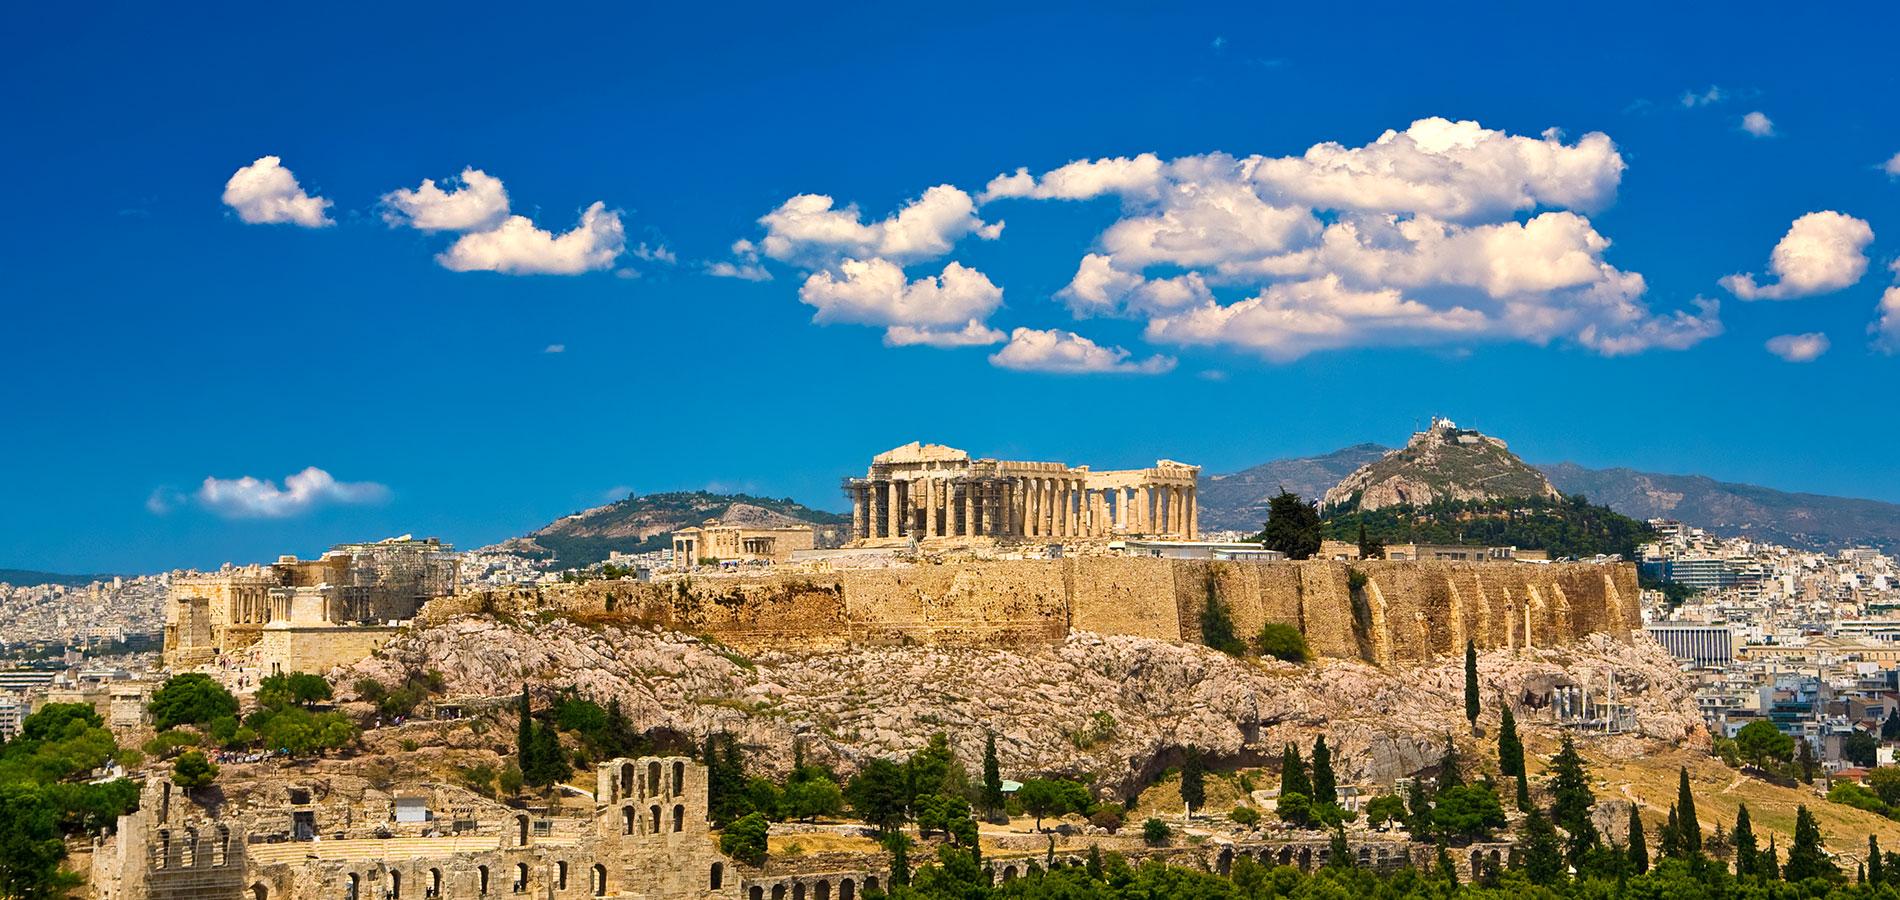 Grecia, cuna de la civilización. (desde Barcelona)